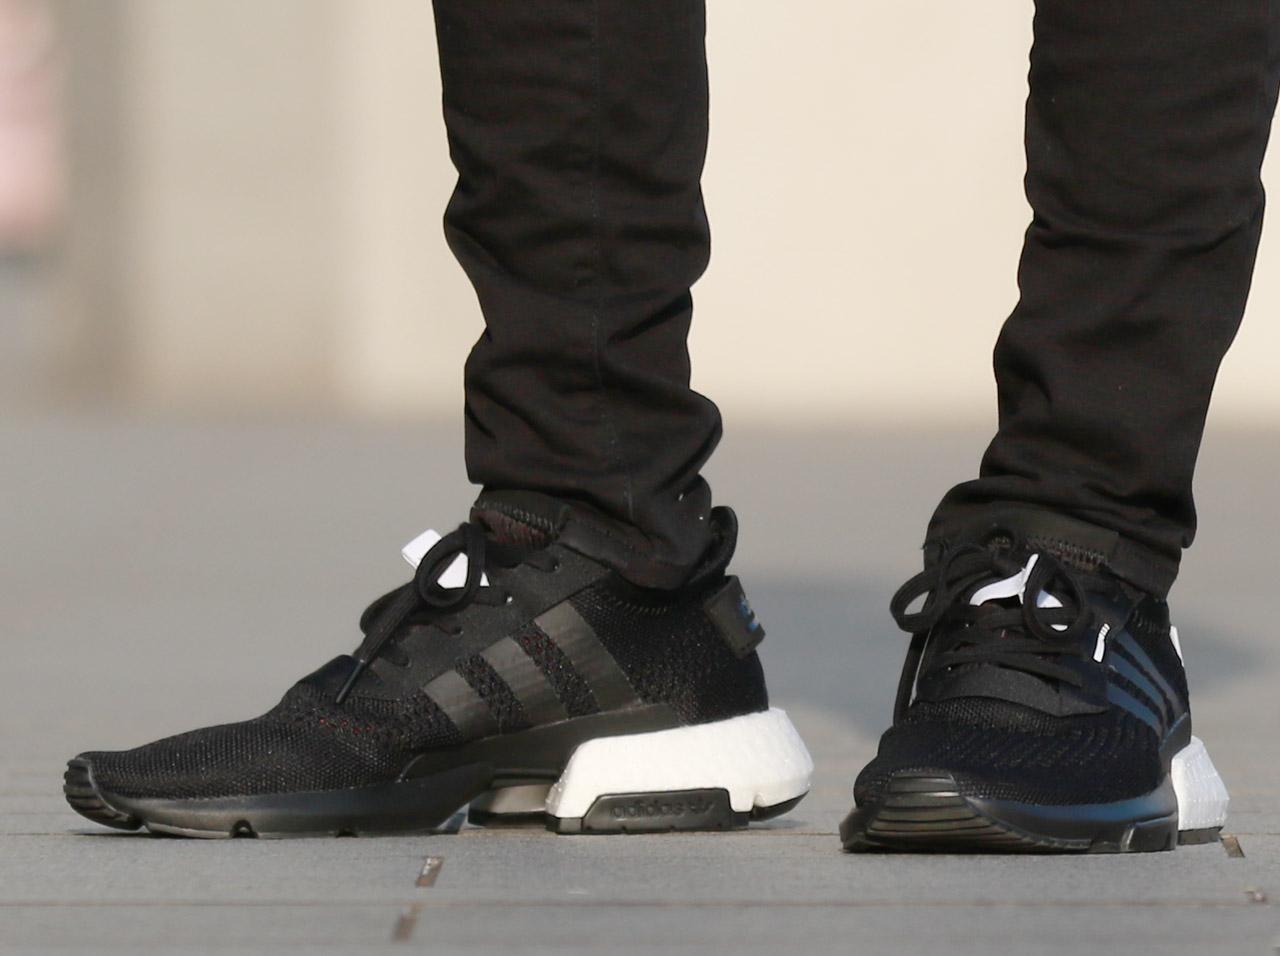 【全品ポイント10倍!期間限定★今すぐエントリー!(4/1~4/30)】【1/24発売】adidas POD-S3.1(DB3378)【メンズファッション】【シューズ】【スニーカー】【靴】【フットウェア】